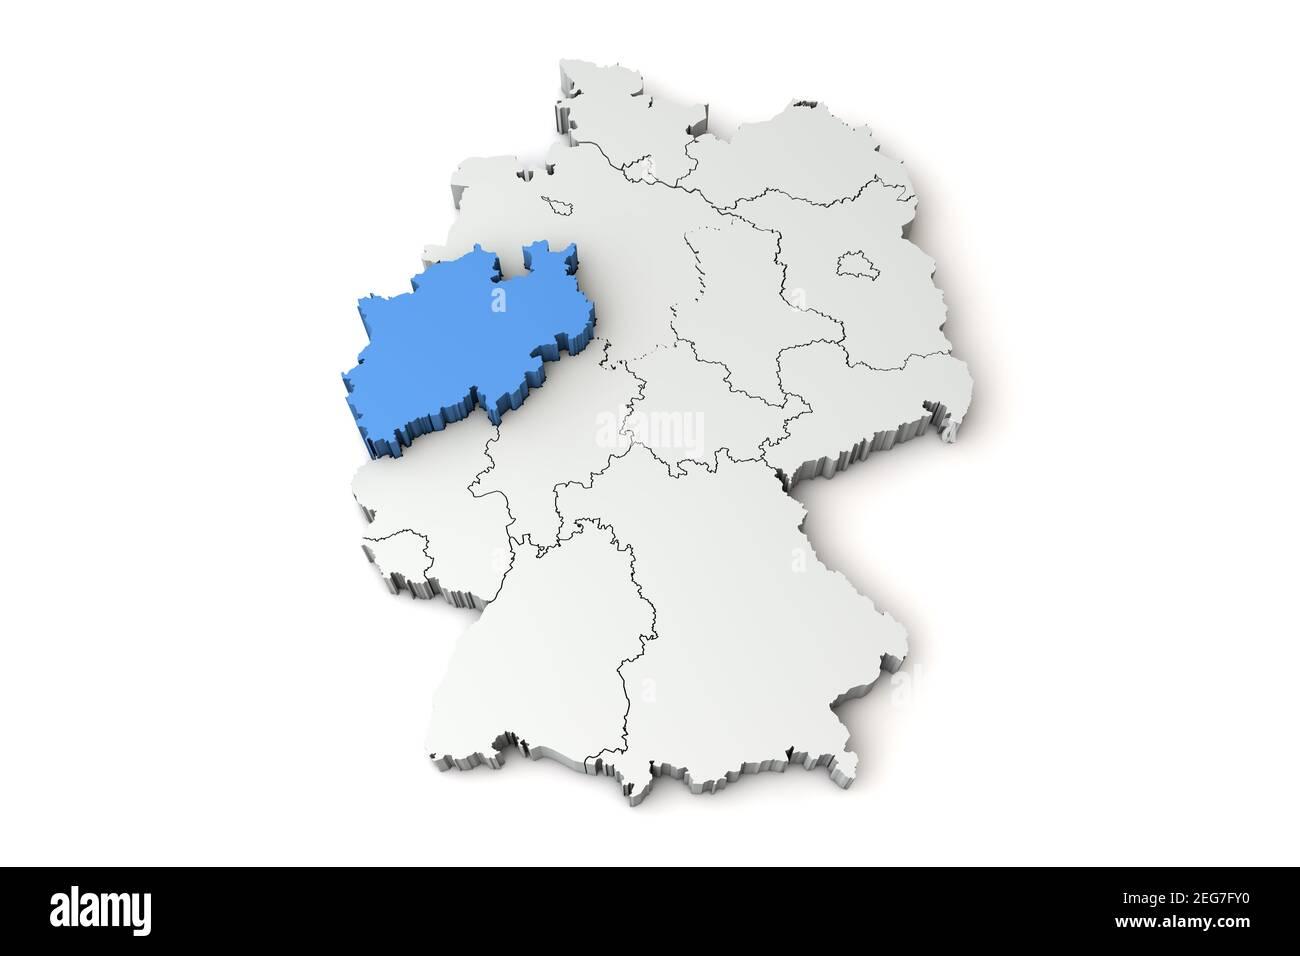 Mappa della Germania che mostra la regione della Renania Settentrionale-Vestfalia. Rendering 3D Foto Stock